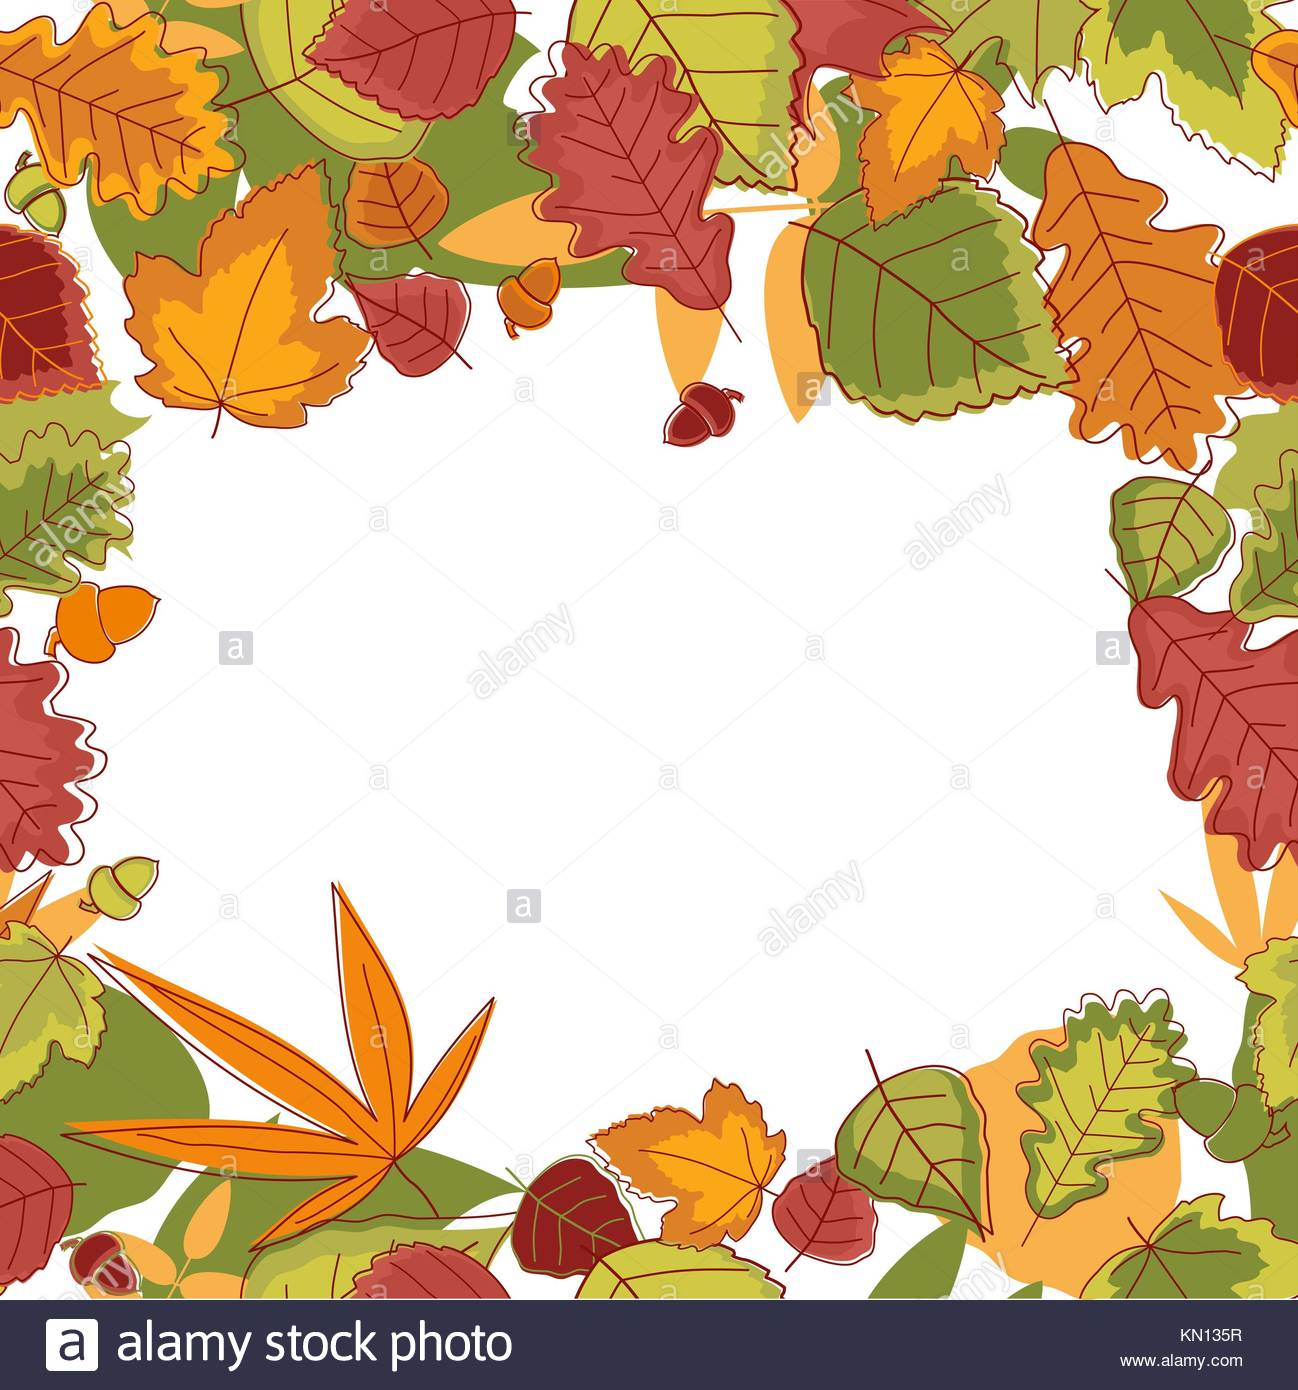 Autumn falling leaves frame for thanksgiving or seasonal design ...